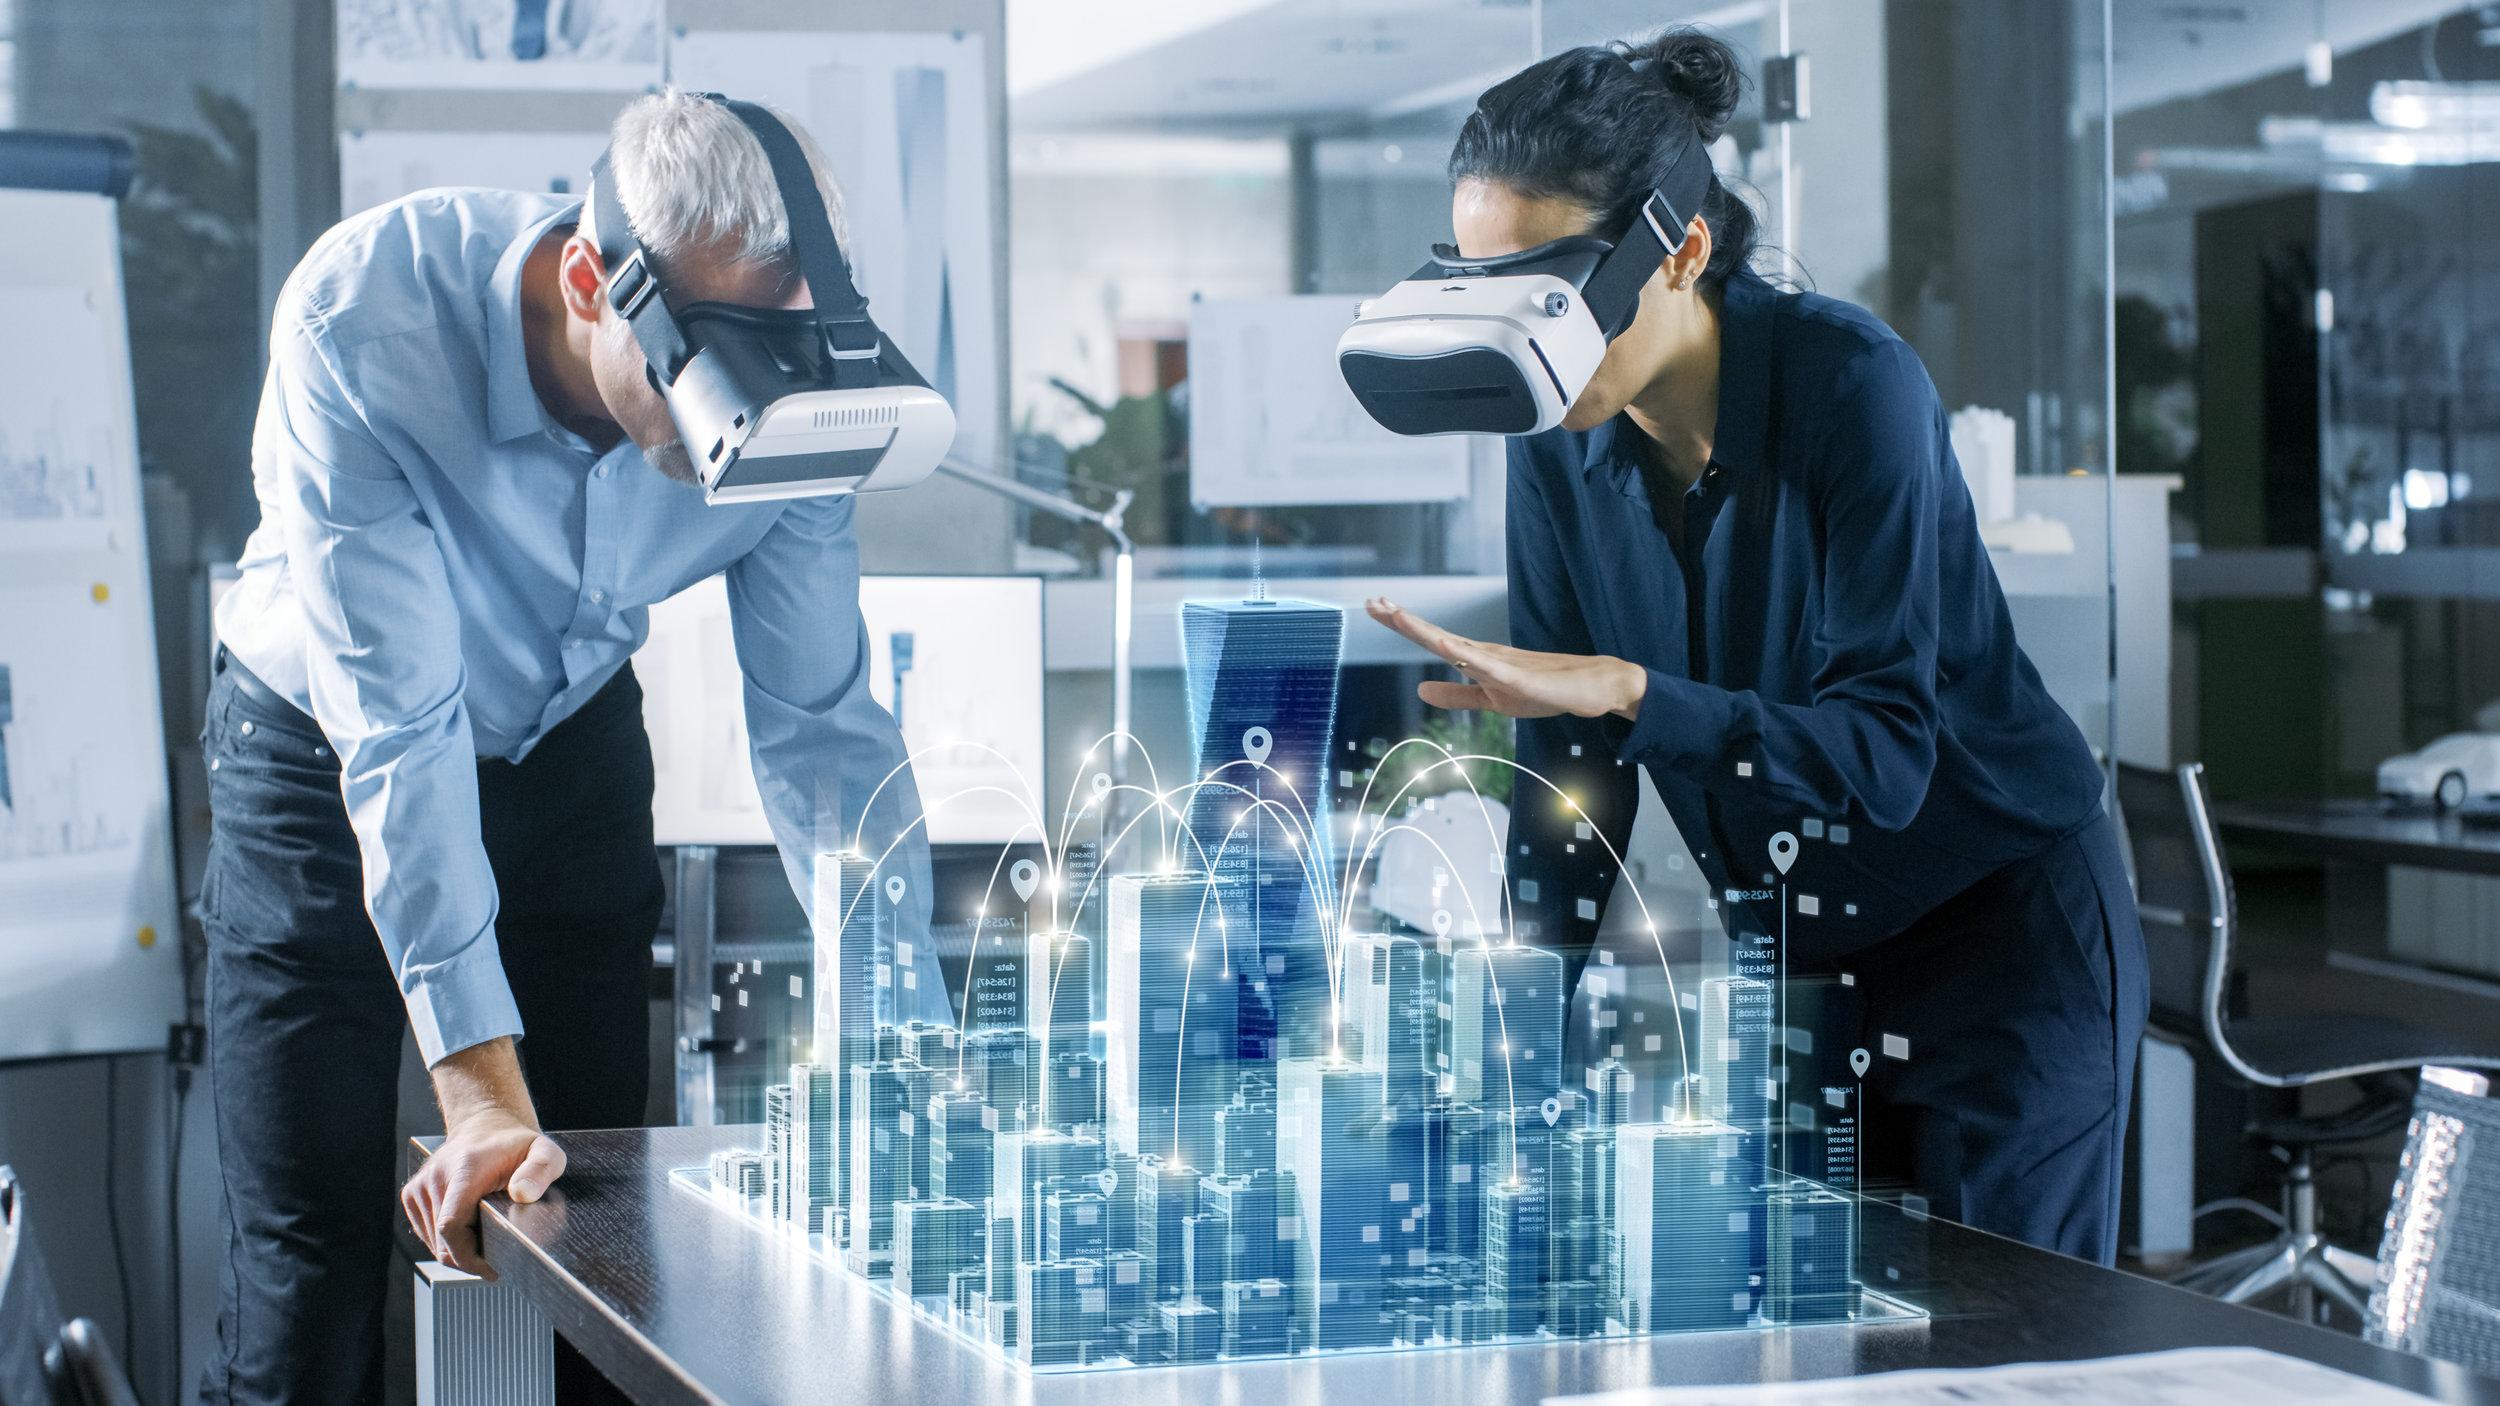 VR in Customer Service